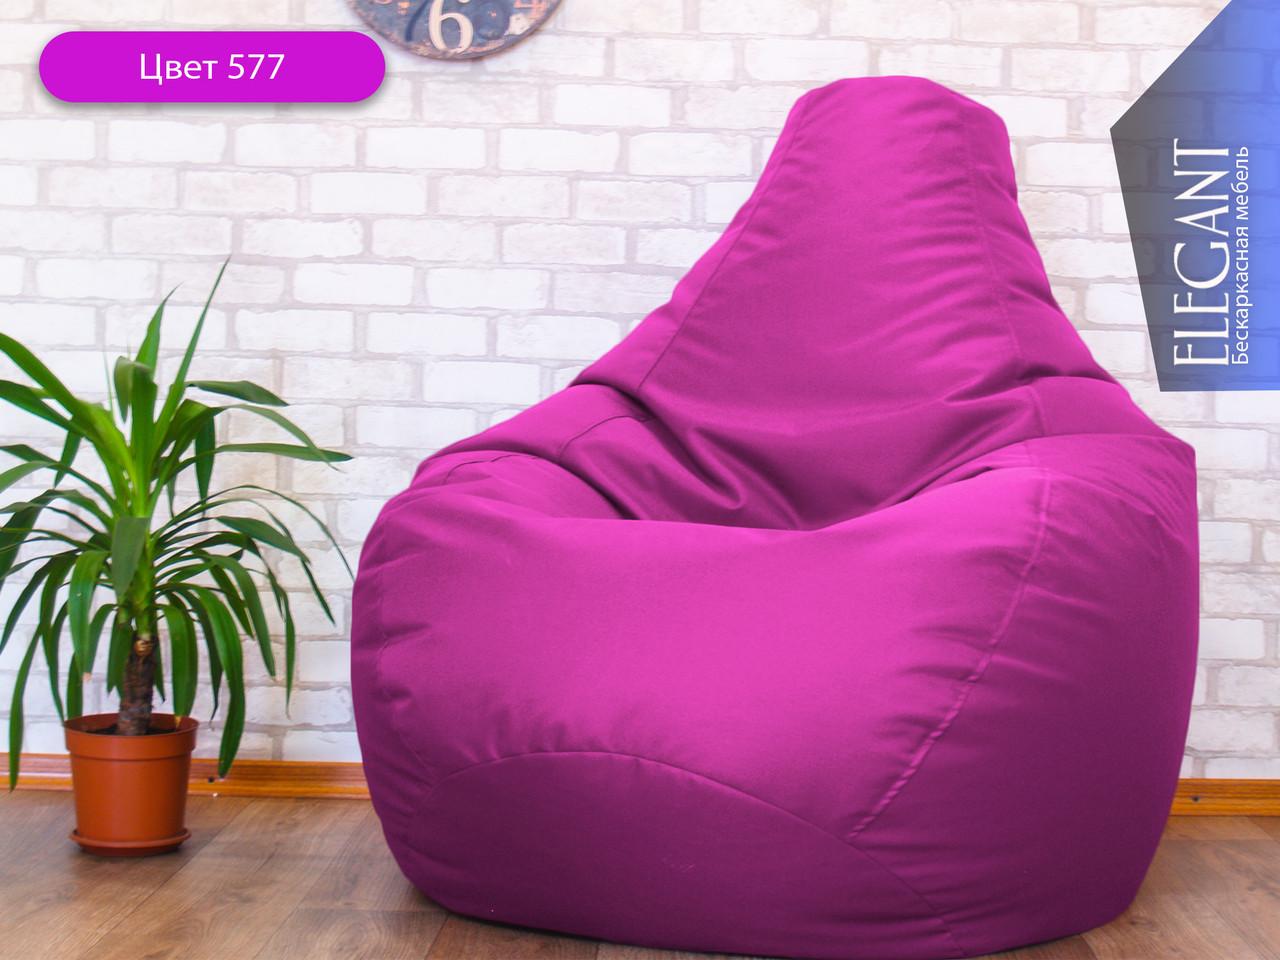 Кресло мешок, бескаркасное кресло Груша ХЛ, розовое